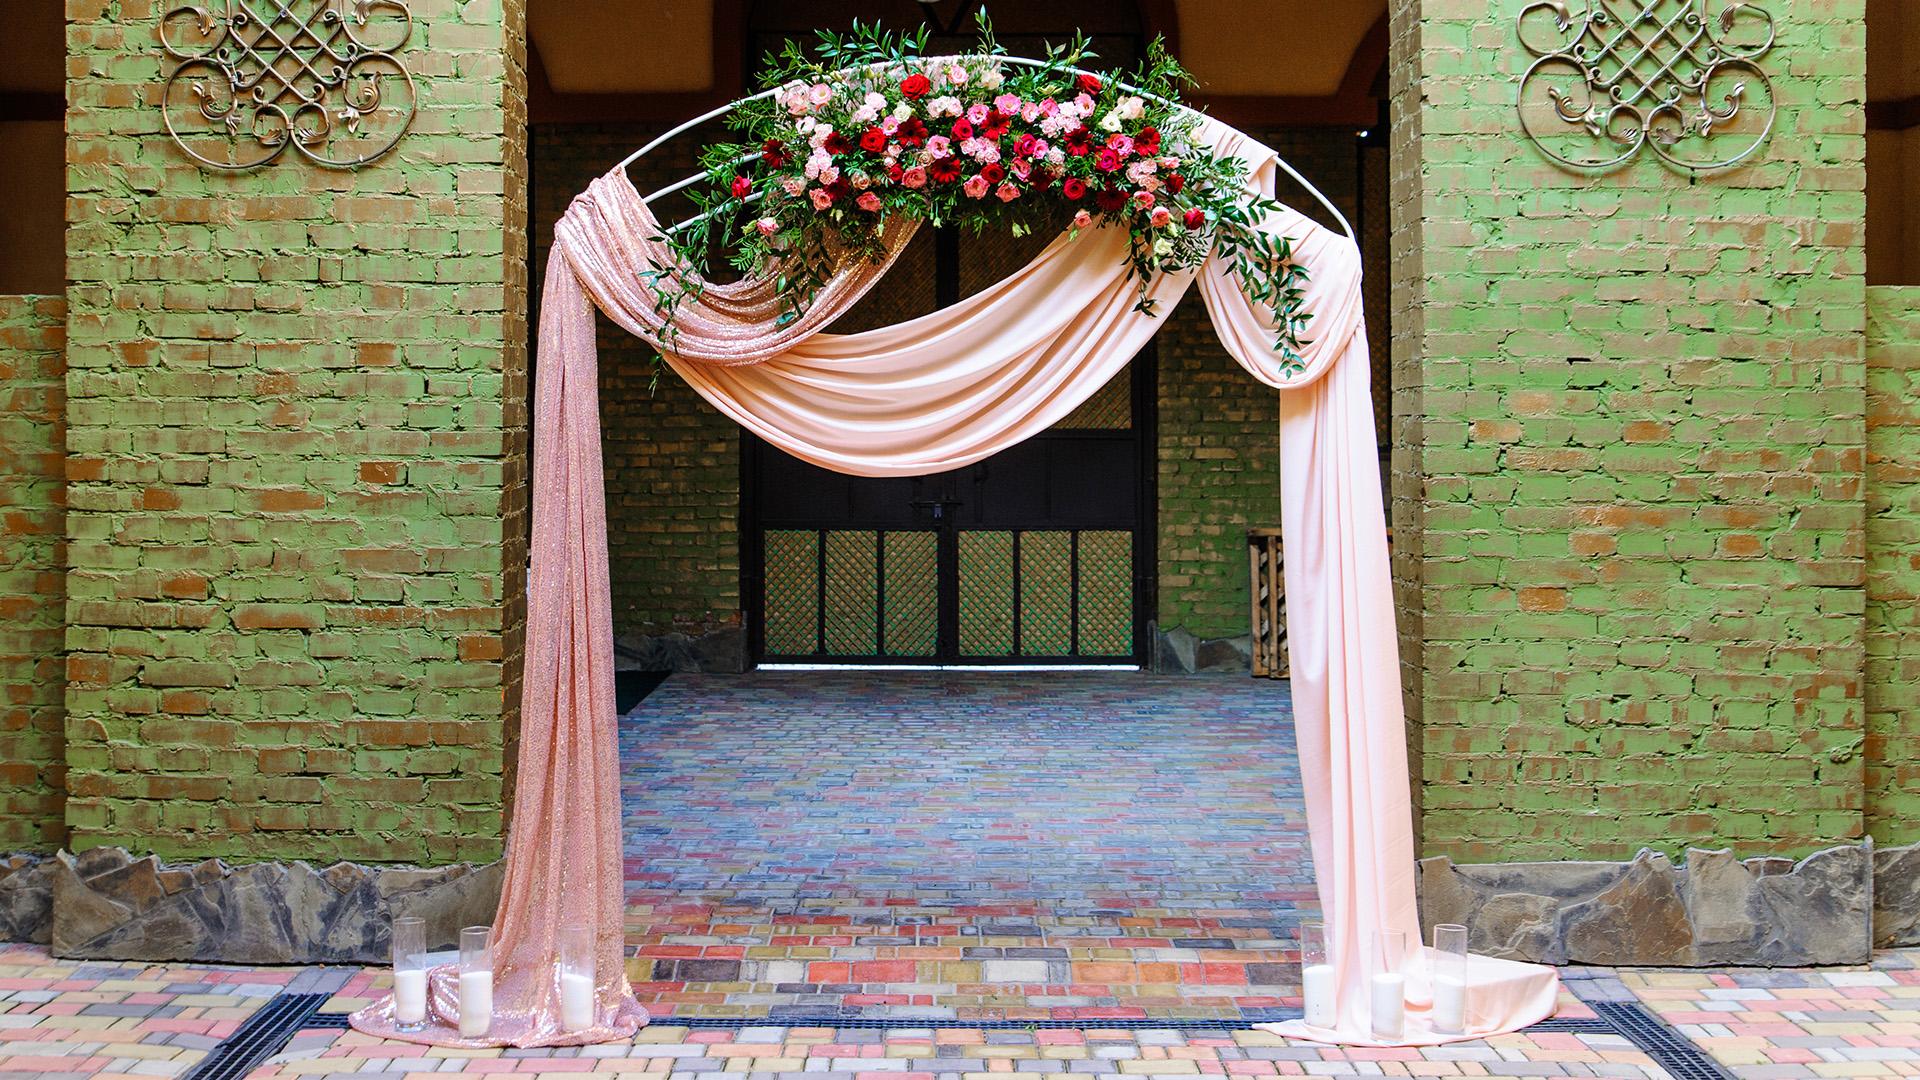 Свадебная арка украшена живыми цветами.